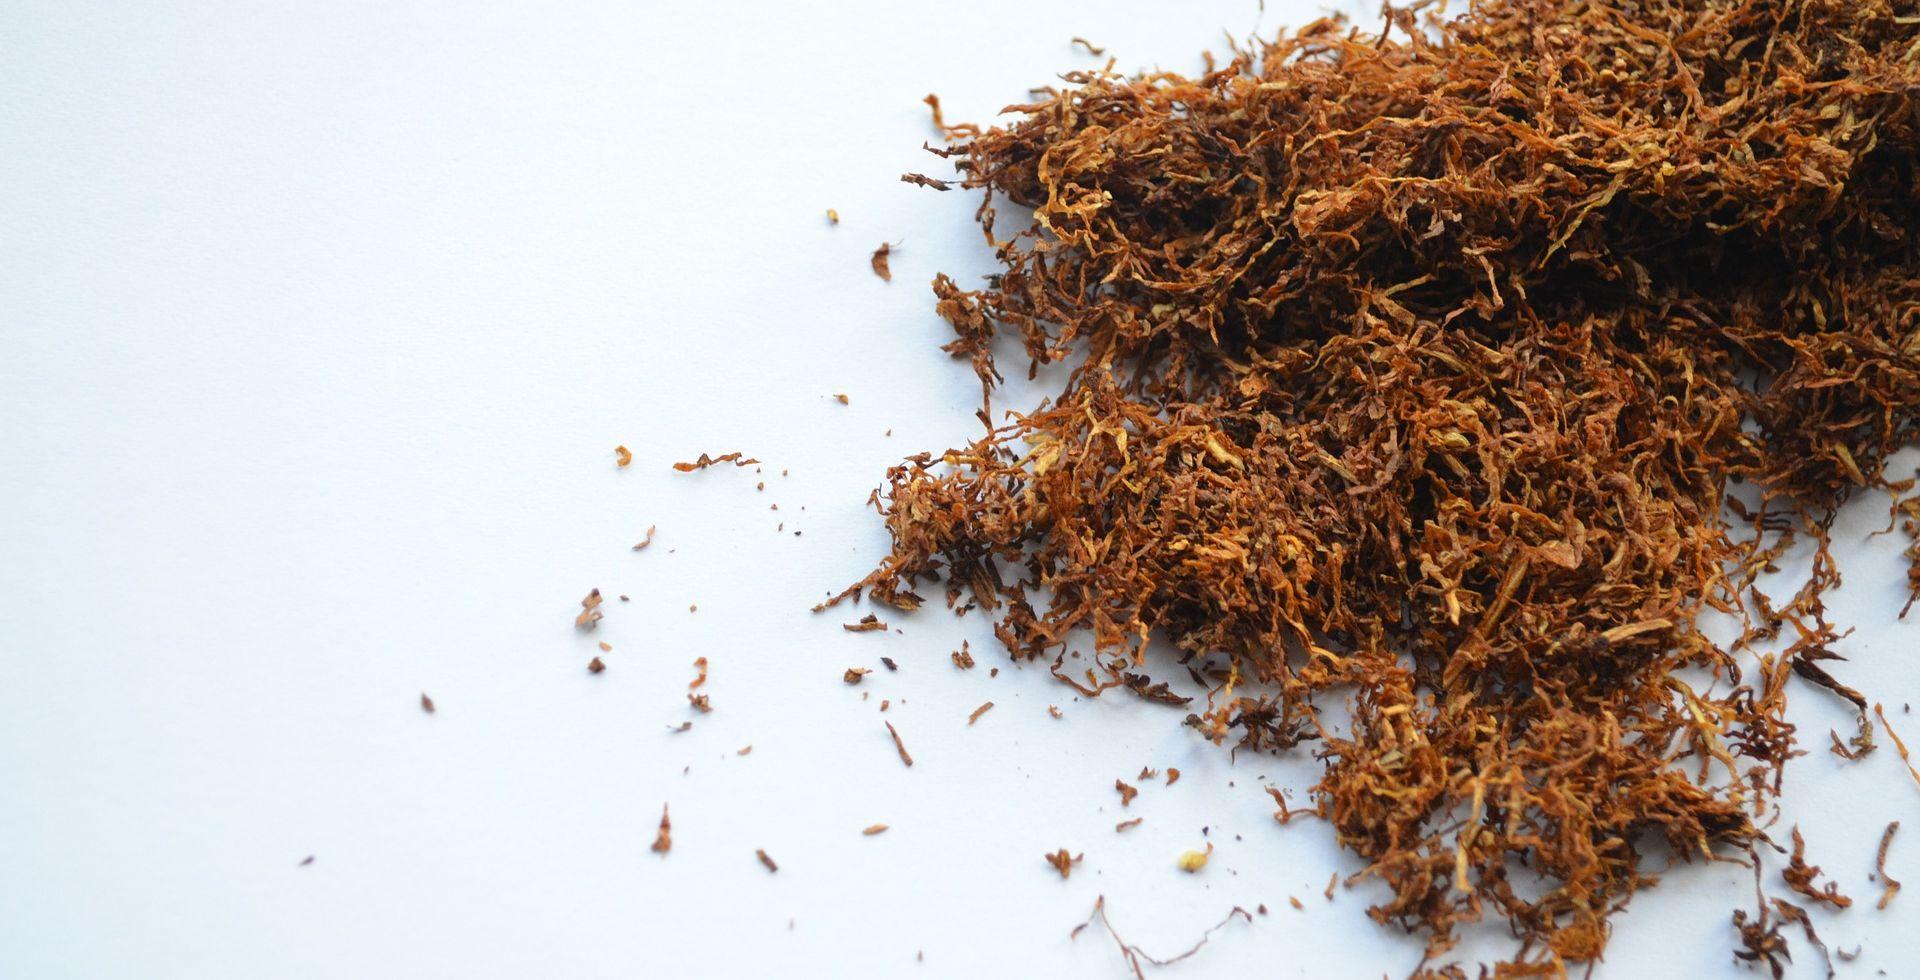 Zadarska policija kod 30-godišnjaka pronašla 40 kila duhana